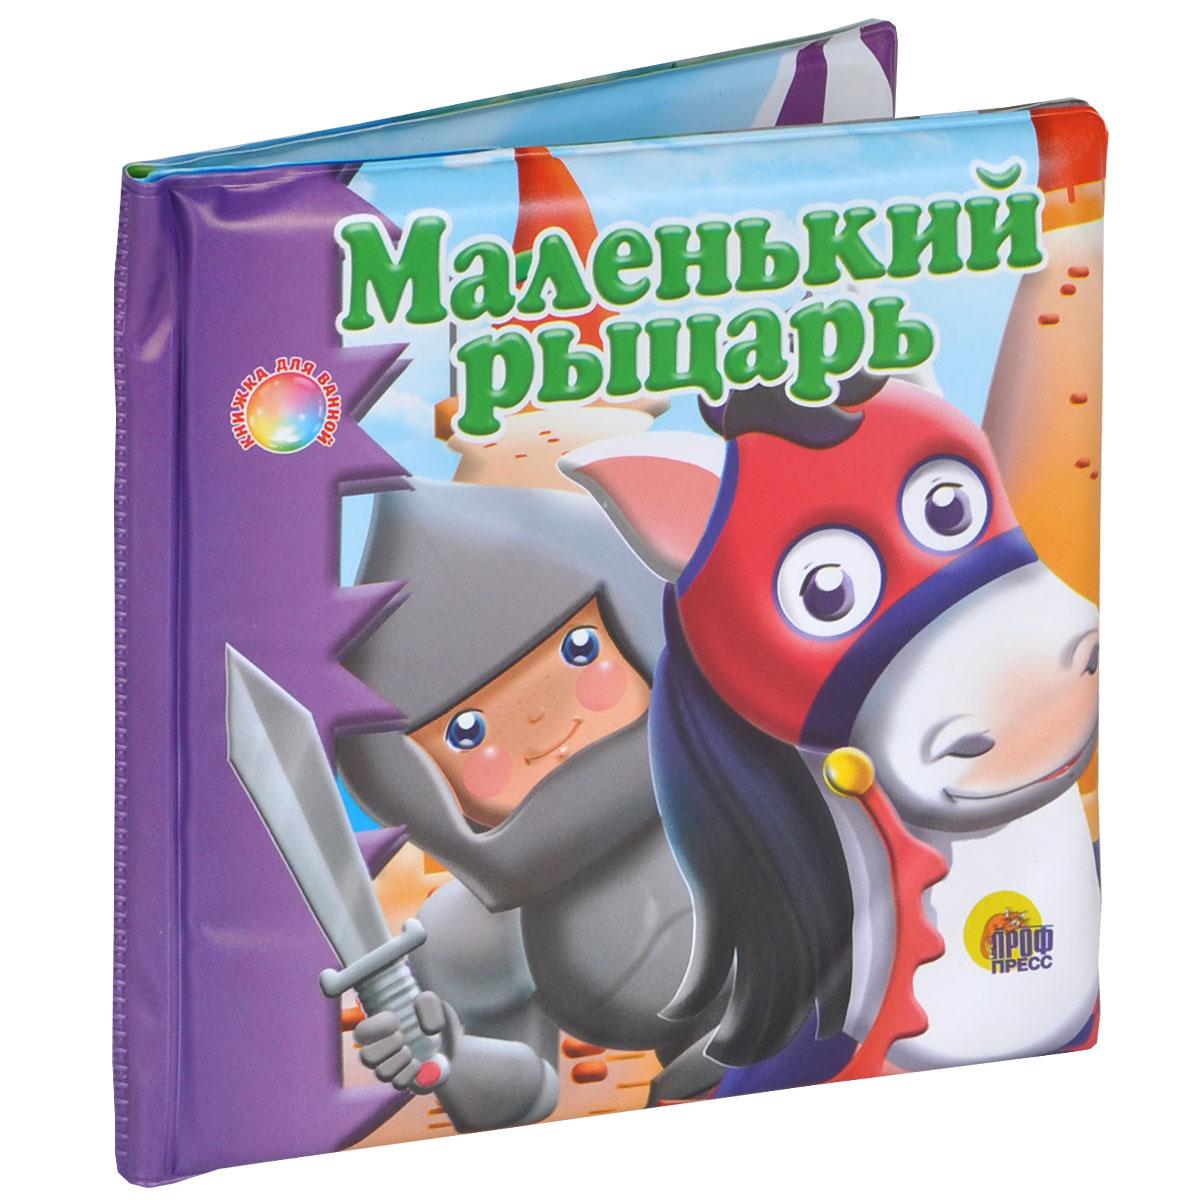 Маленький рыцарь. Книжка-игрушка ( 978-5-378-09937-5 )